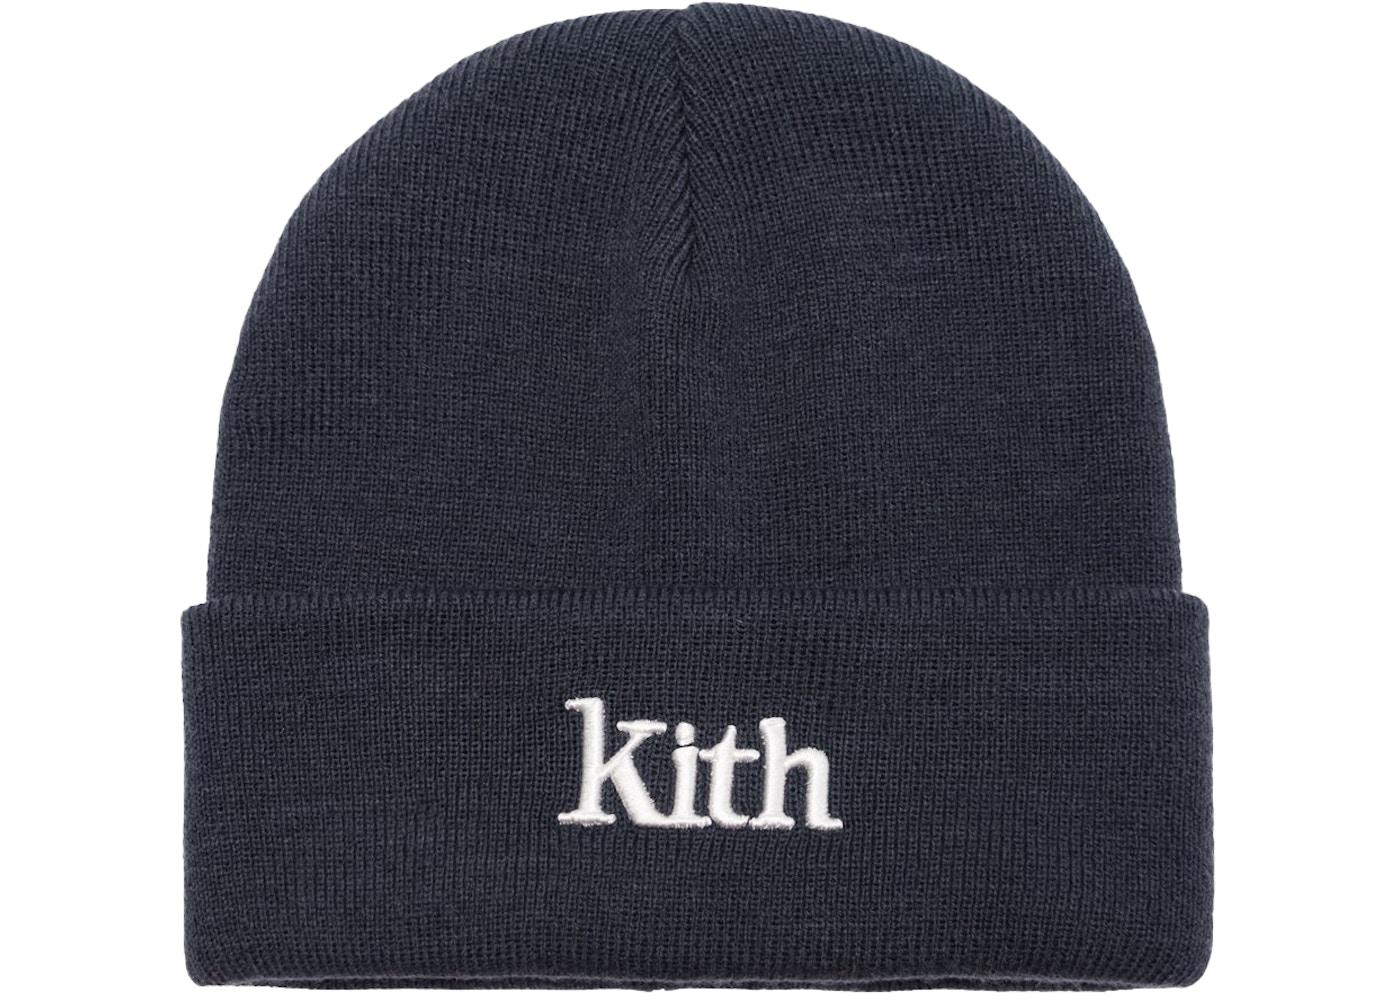 c590d1cfe02 Kith Headwear - Buy   Sell Streetwear